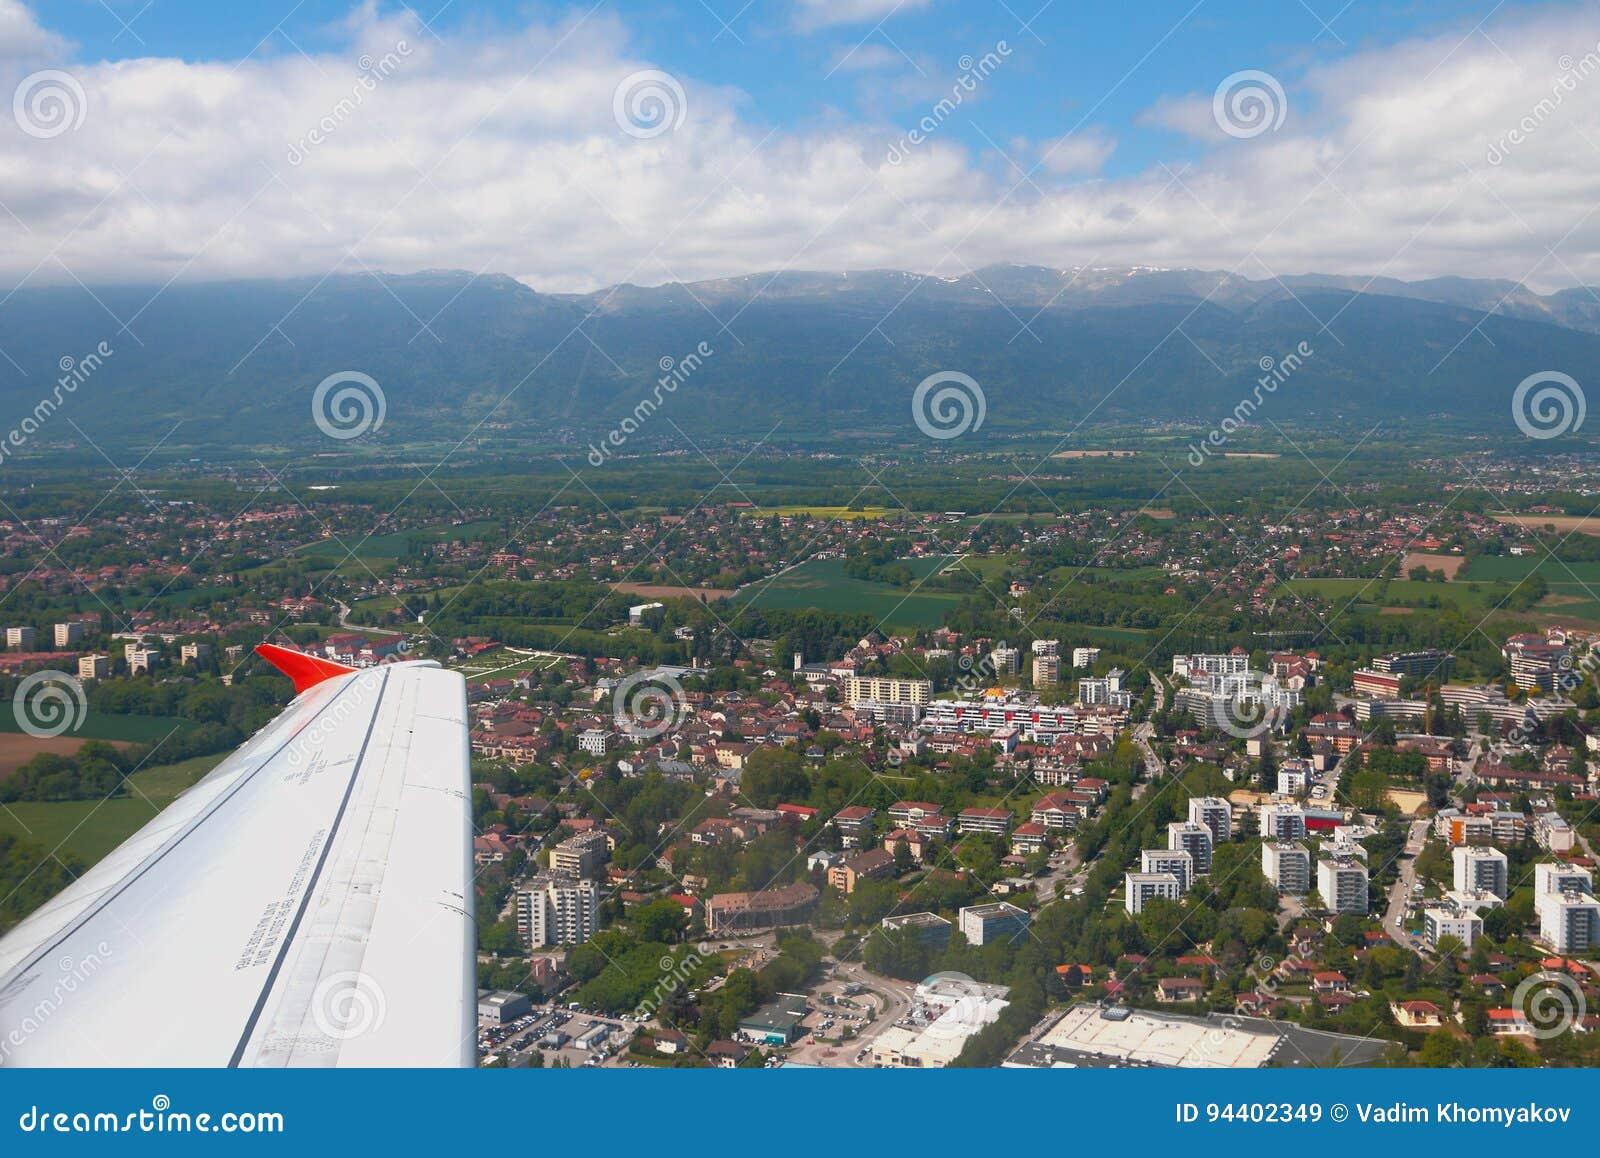 Unter flacher Flügelstadt nahe Genf und Jurabergen Ferney-Voltaire, Frankreich